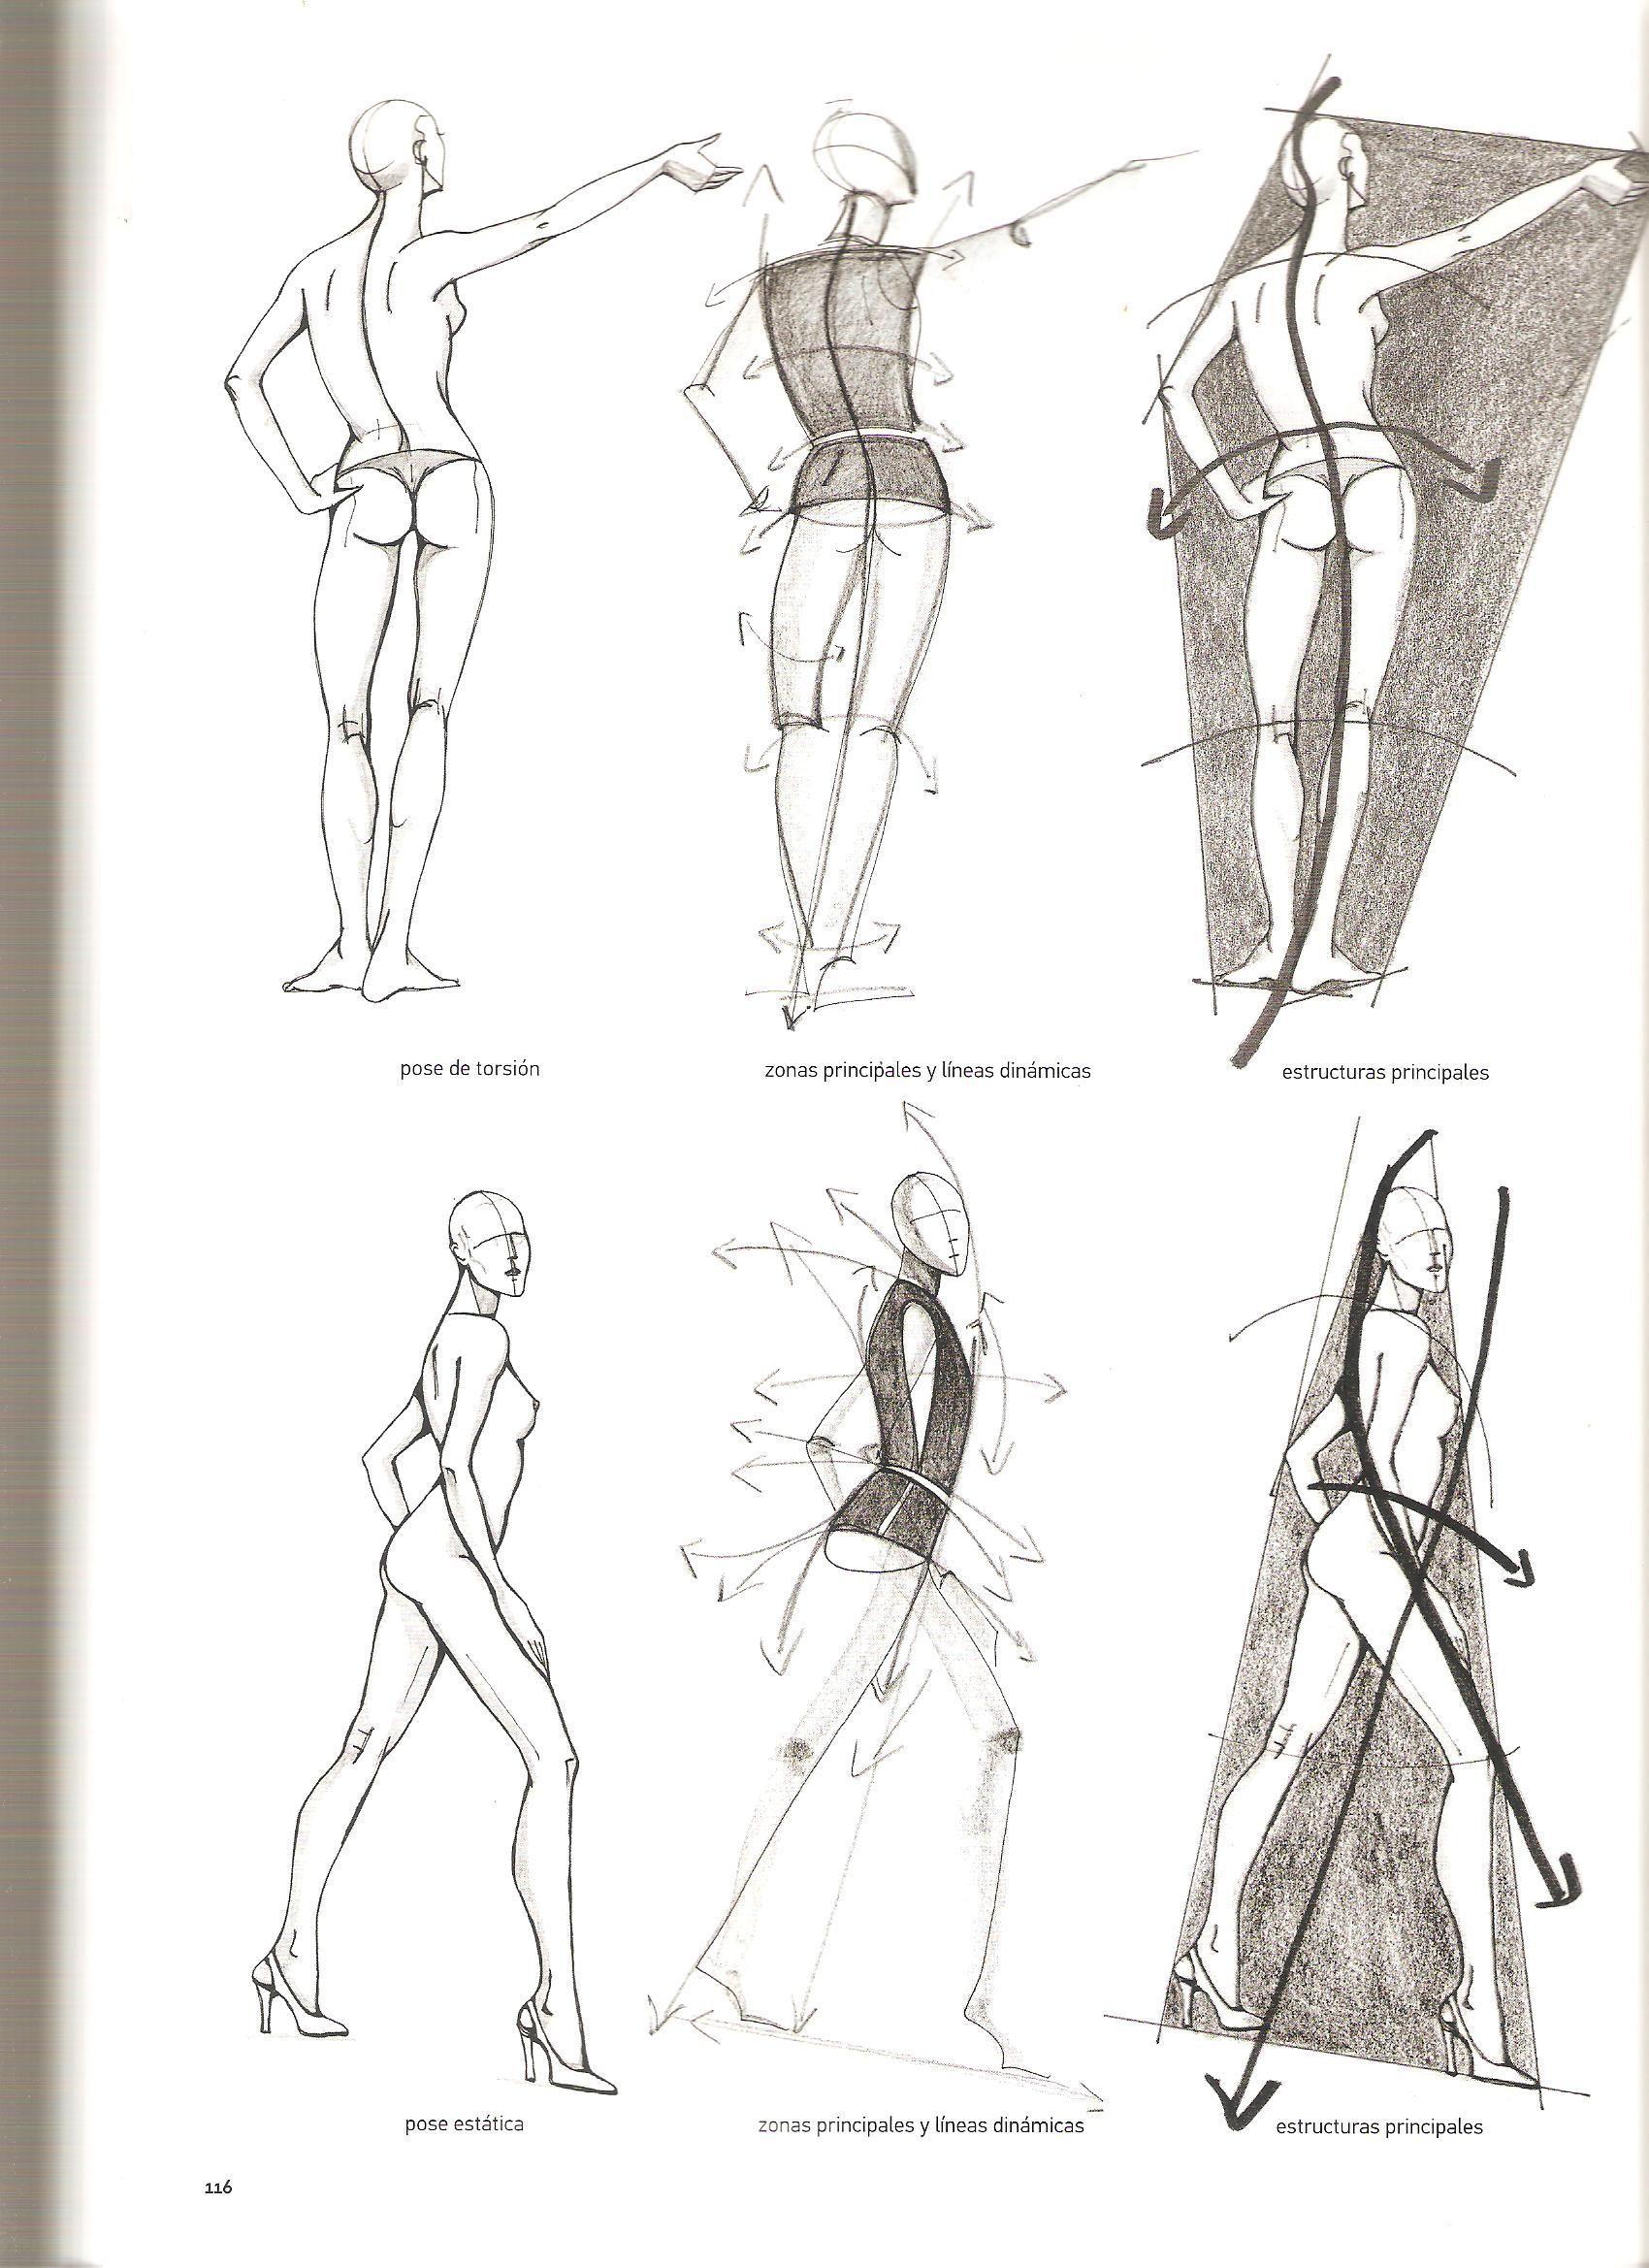 Hermosa Dibujo De La Anatomía De La Moda Bandera - Anatomía de Las ...